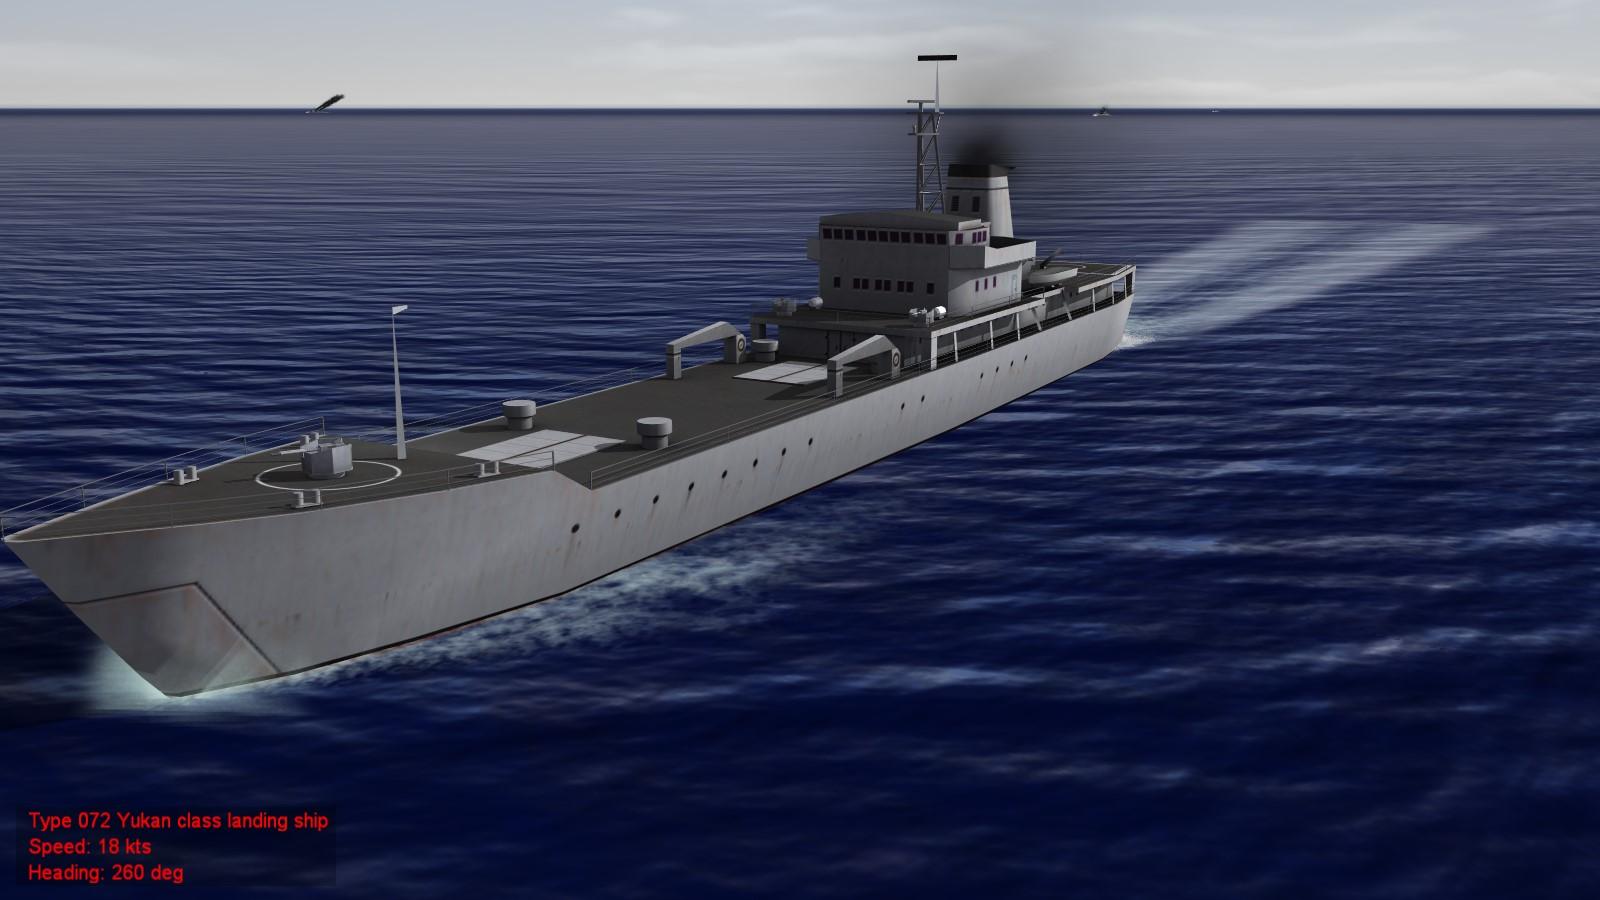 Yukan and Yuting class landing ships